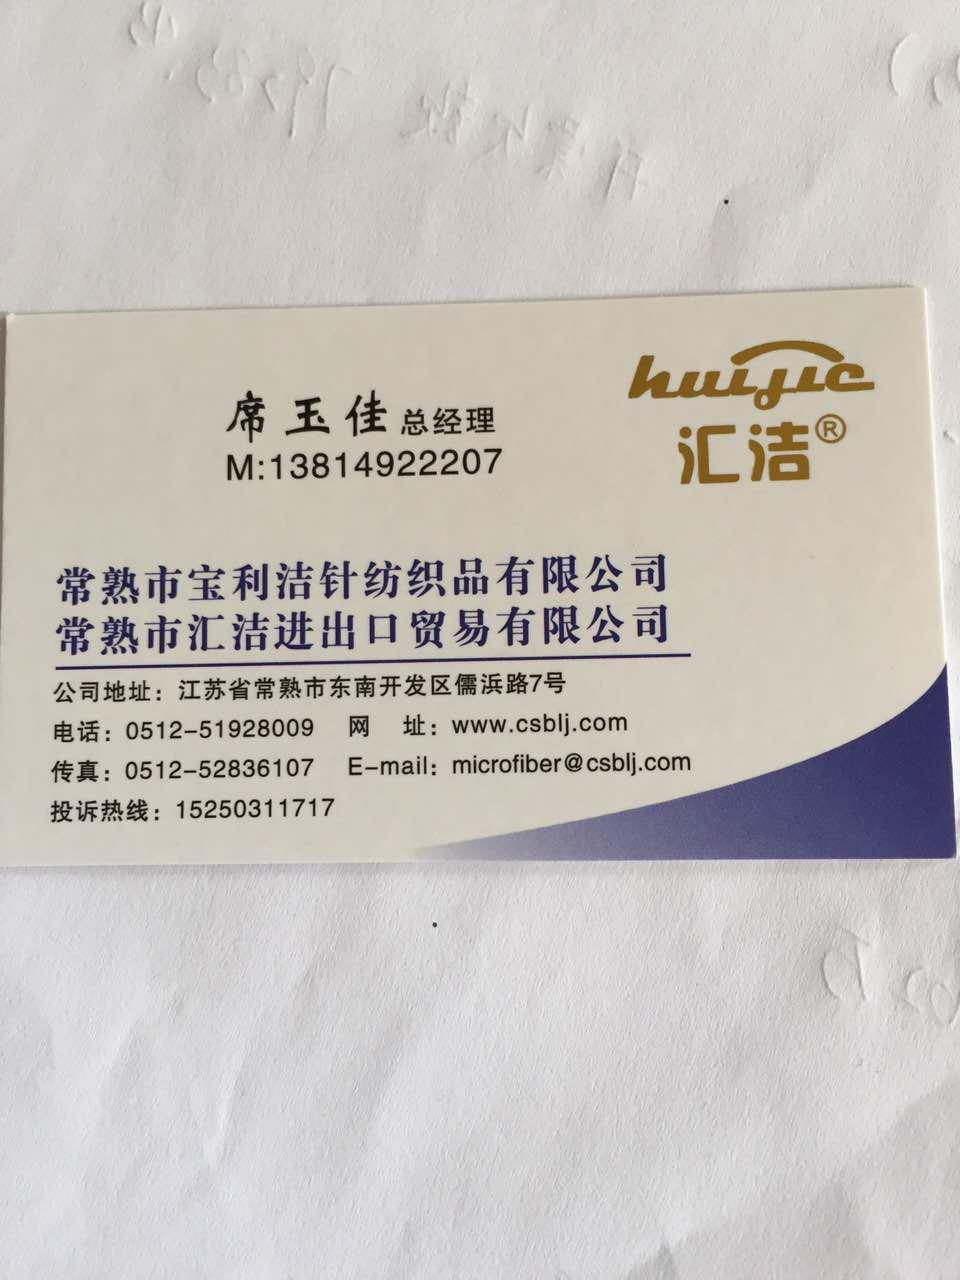 来自席玉佳发布的招商投资信息:... - 常熟市宝利洁针纺织品有限公司